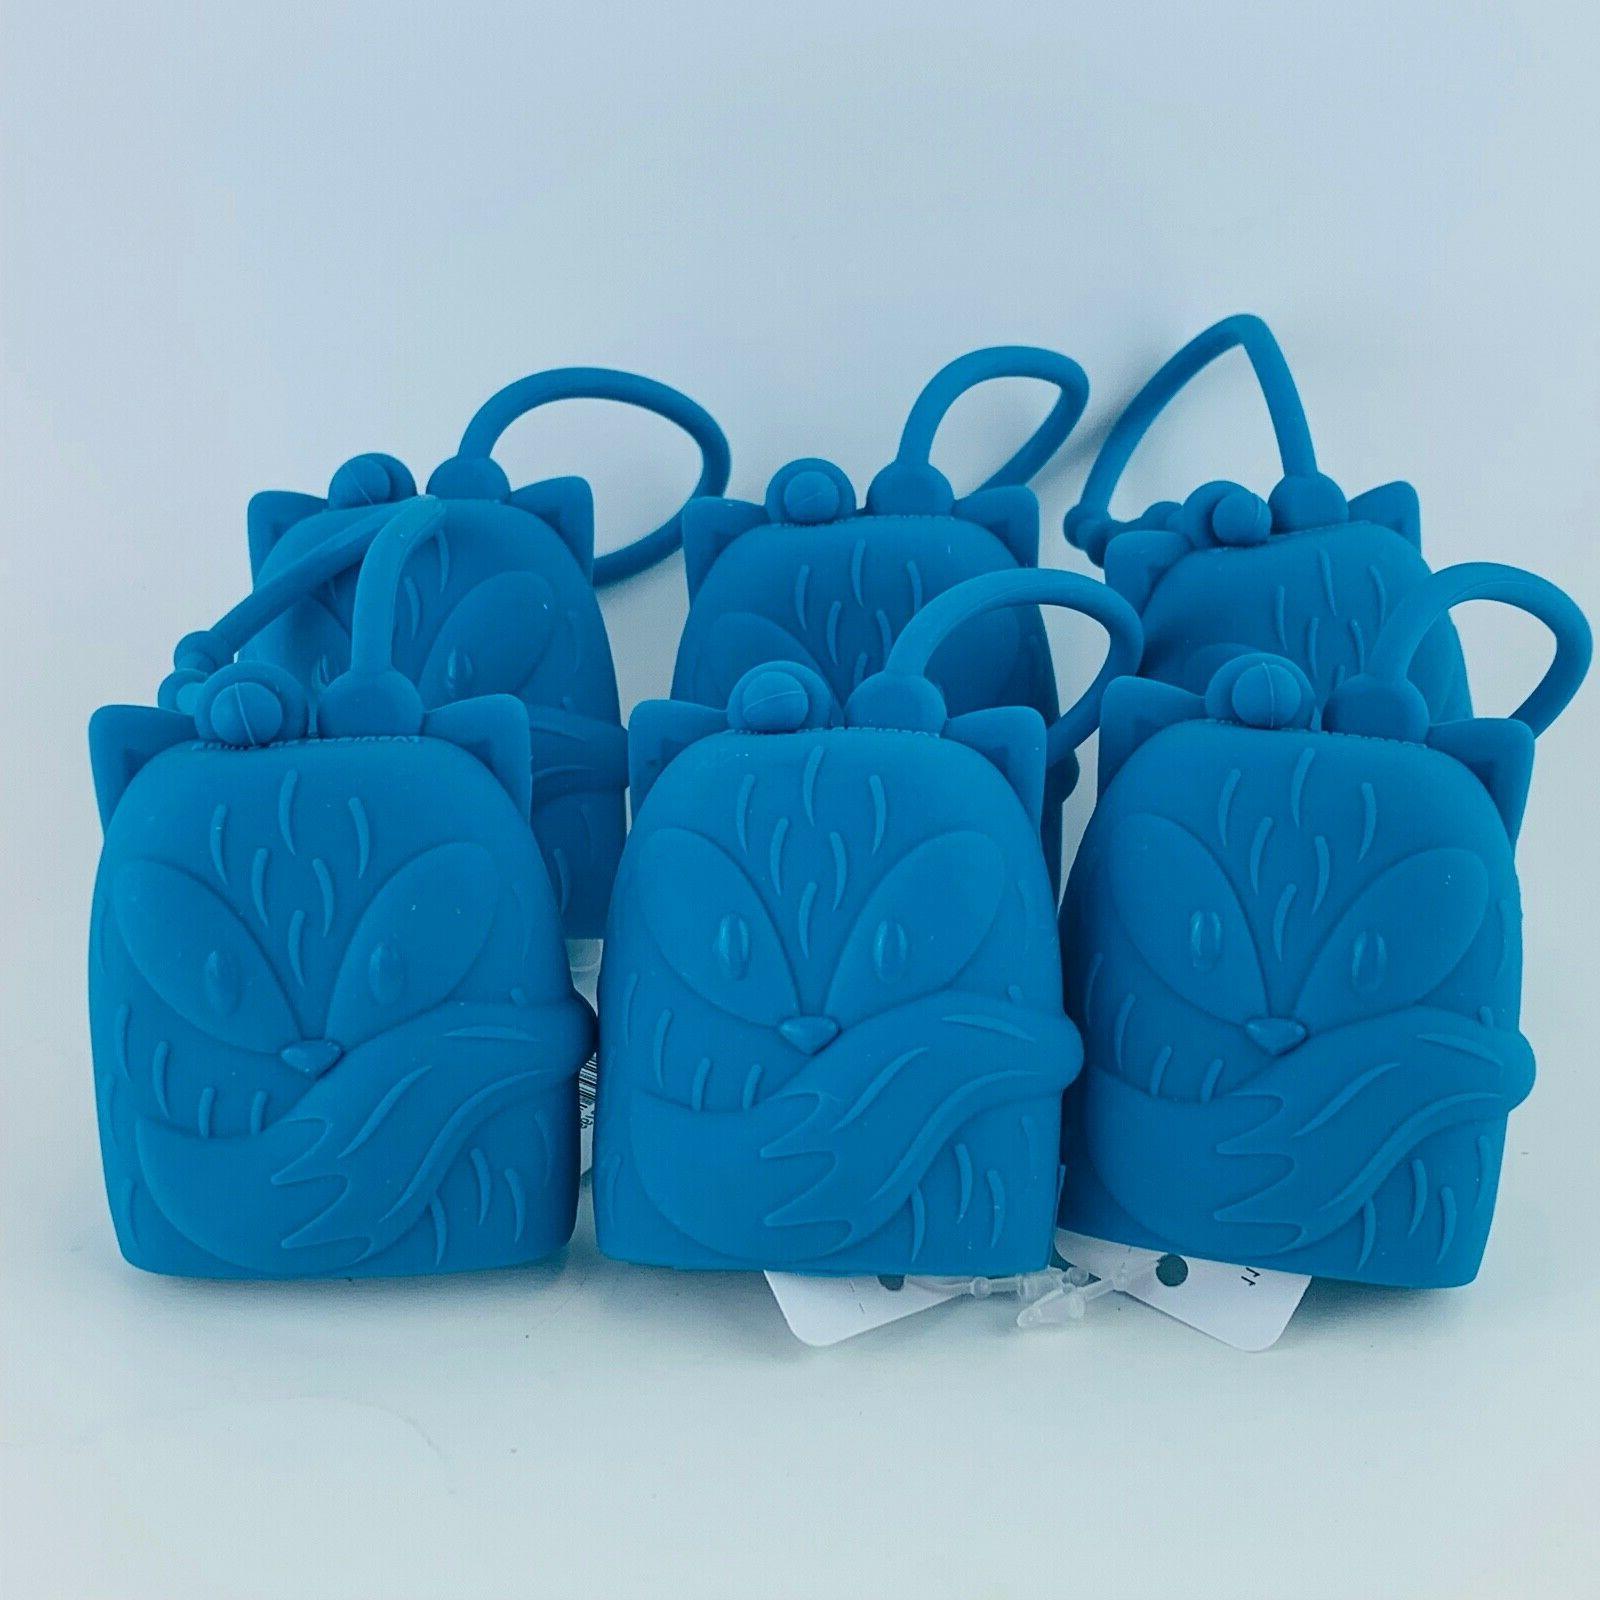 6 Body Fox Pocketbac Holder Sleeve Sanitizer